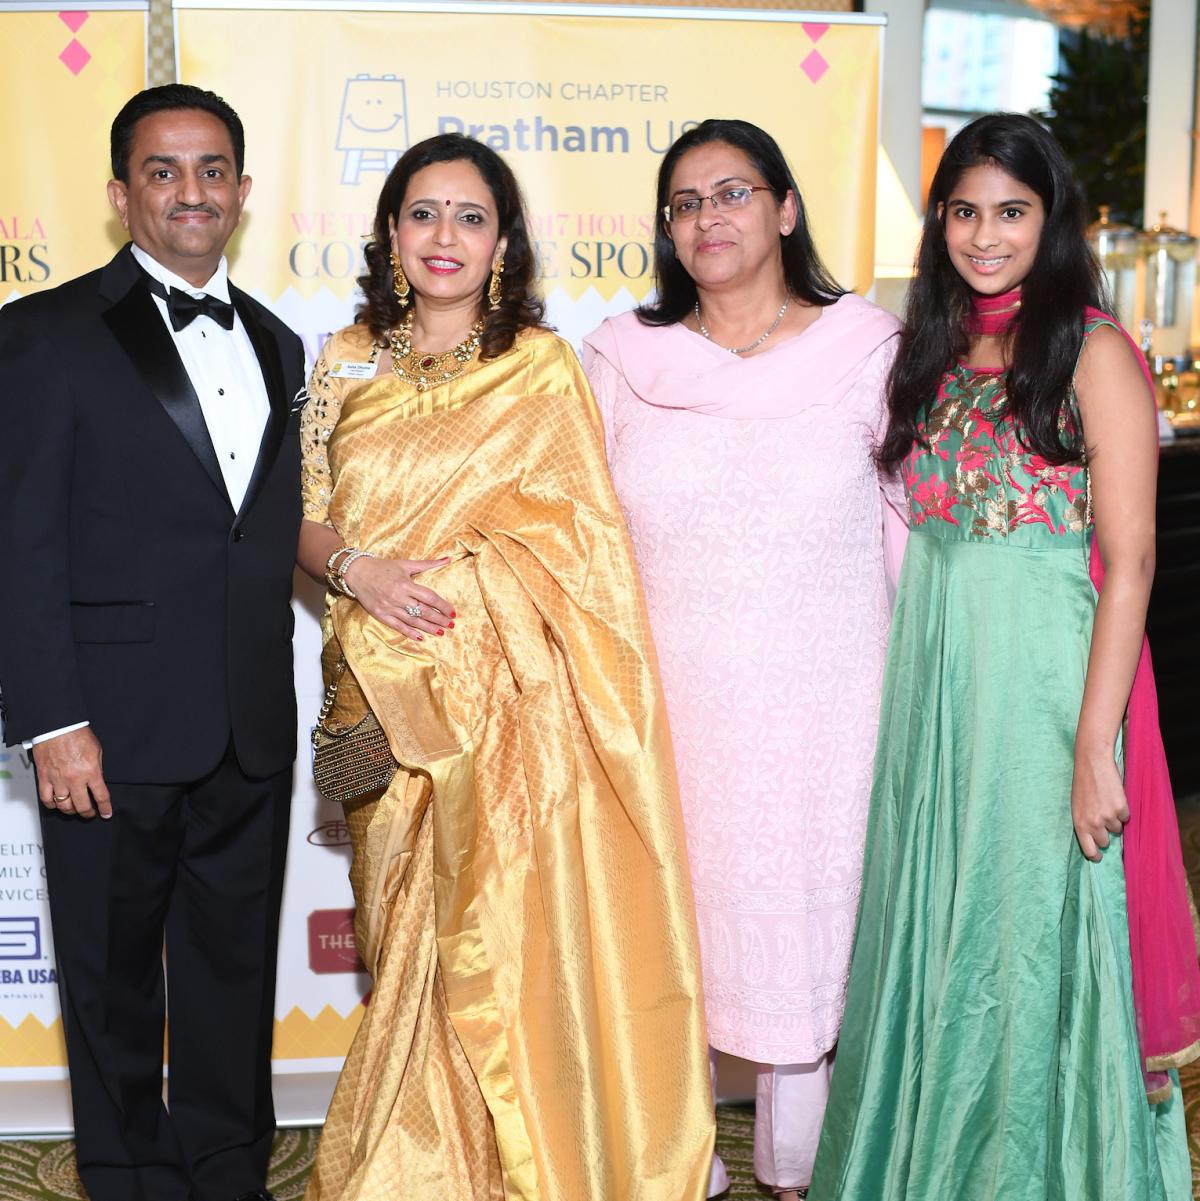 Pratham Gala, Pankaj Dhume, Asha Dhume, Rukmini Banerji, Riya Varadhachary